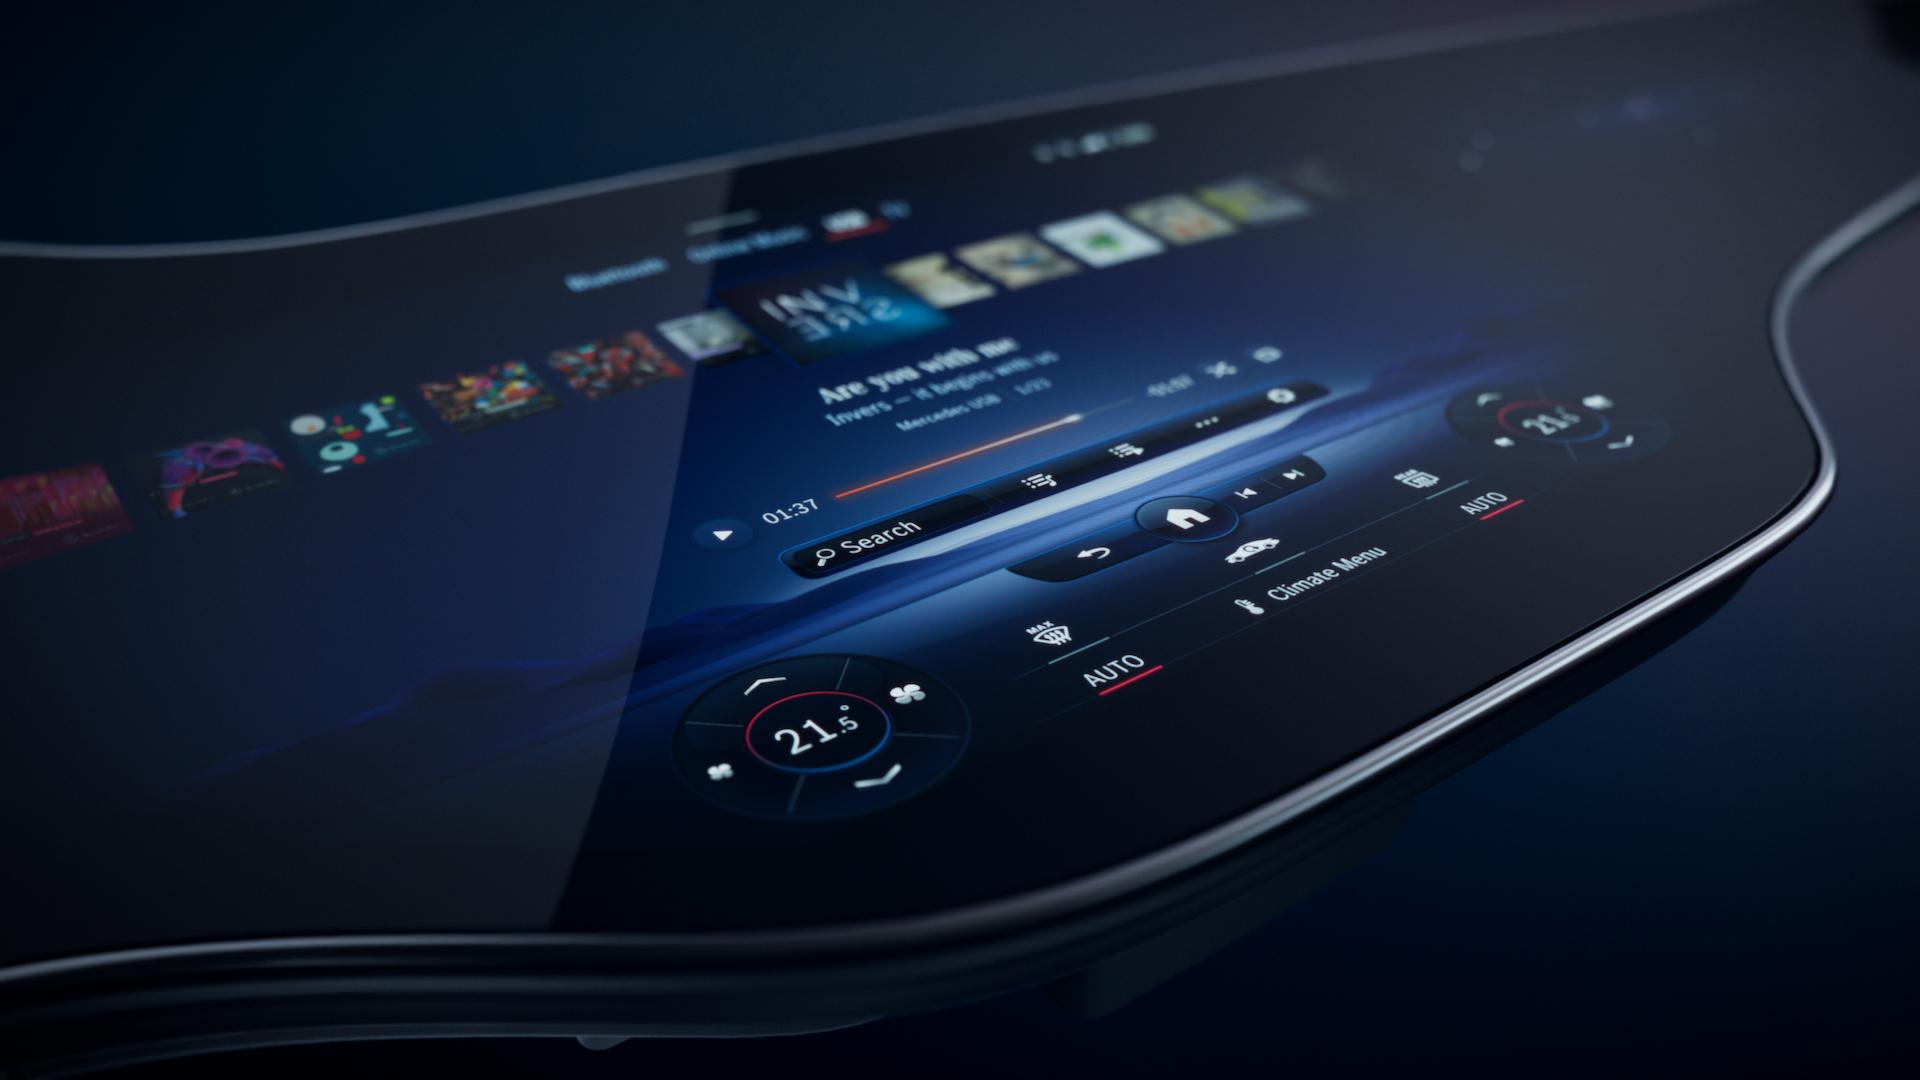 Mercedes promet un écran dans sa berline électrique, alimenté par une IA : vraiment ?